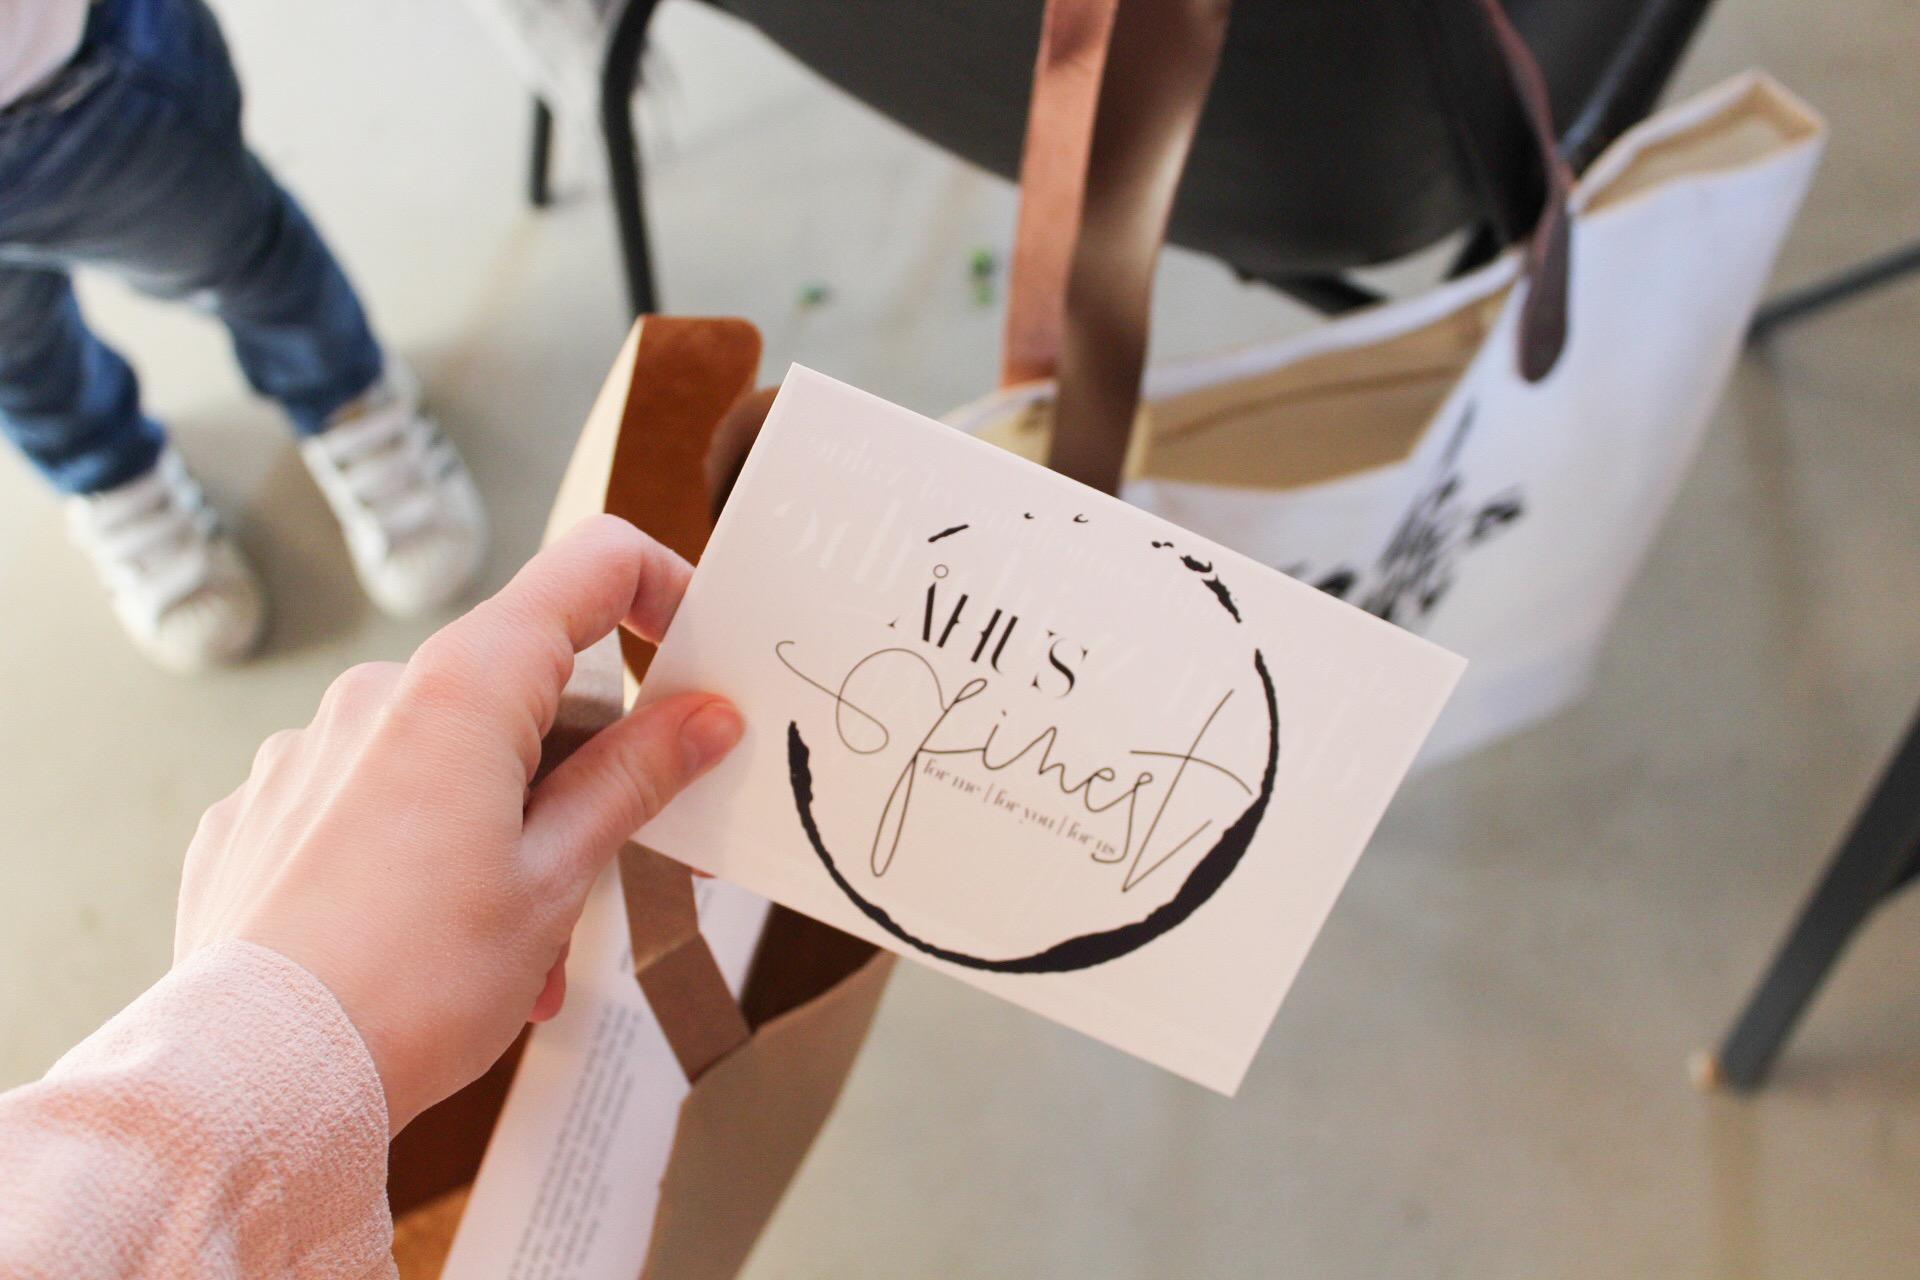 Åhus Finest – premiäröppning